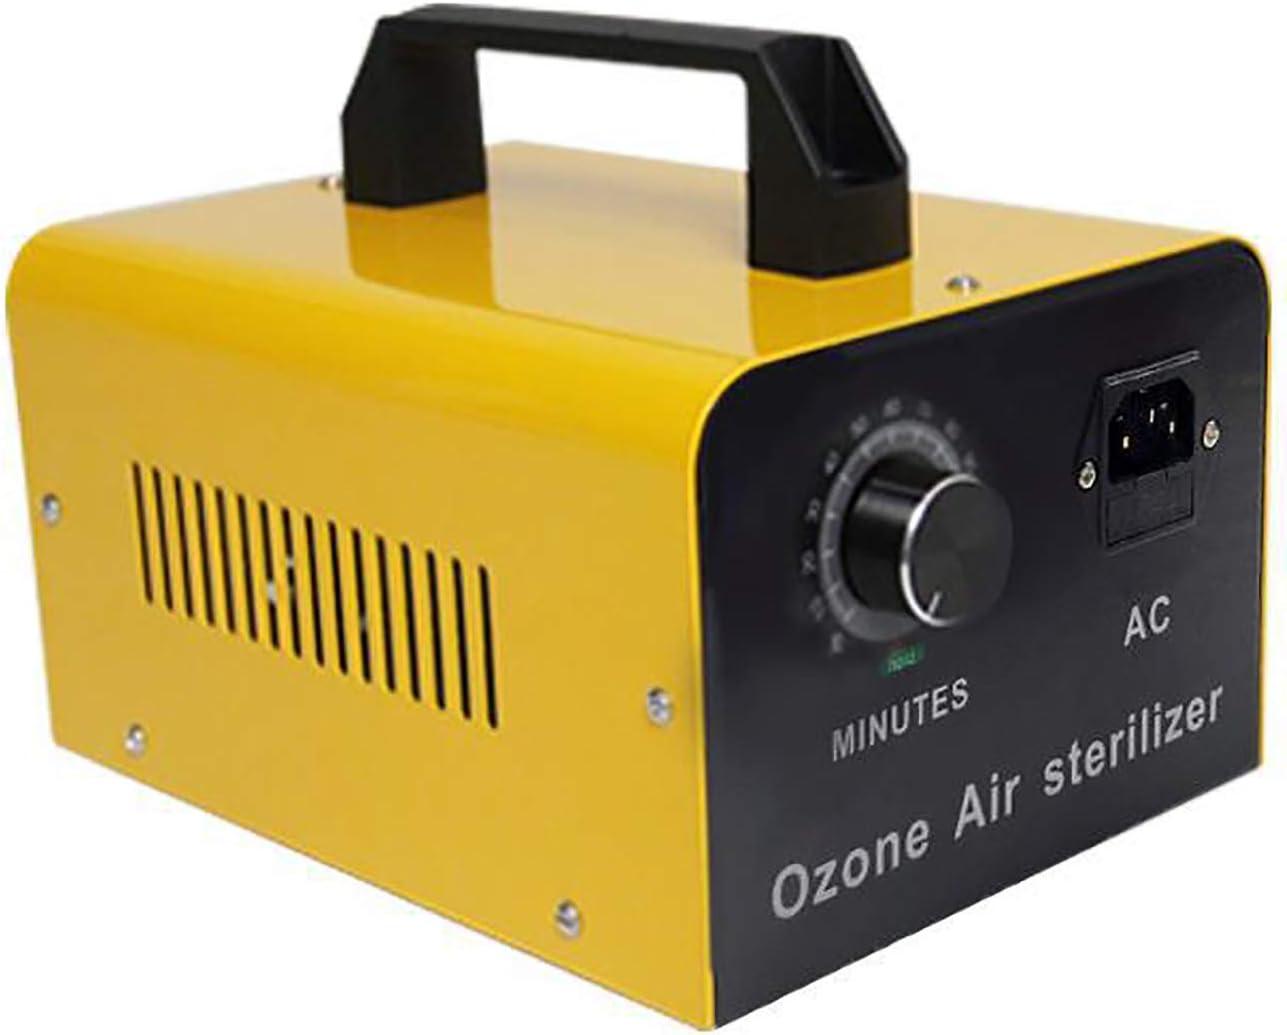 JL Inicio Generador de ozono Comercial 8000 MG Purificador de Aire O3 Industrial Esterilizador Azul Desodorante